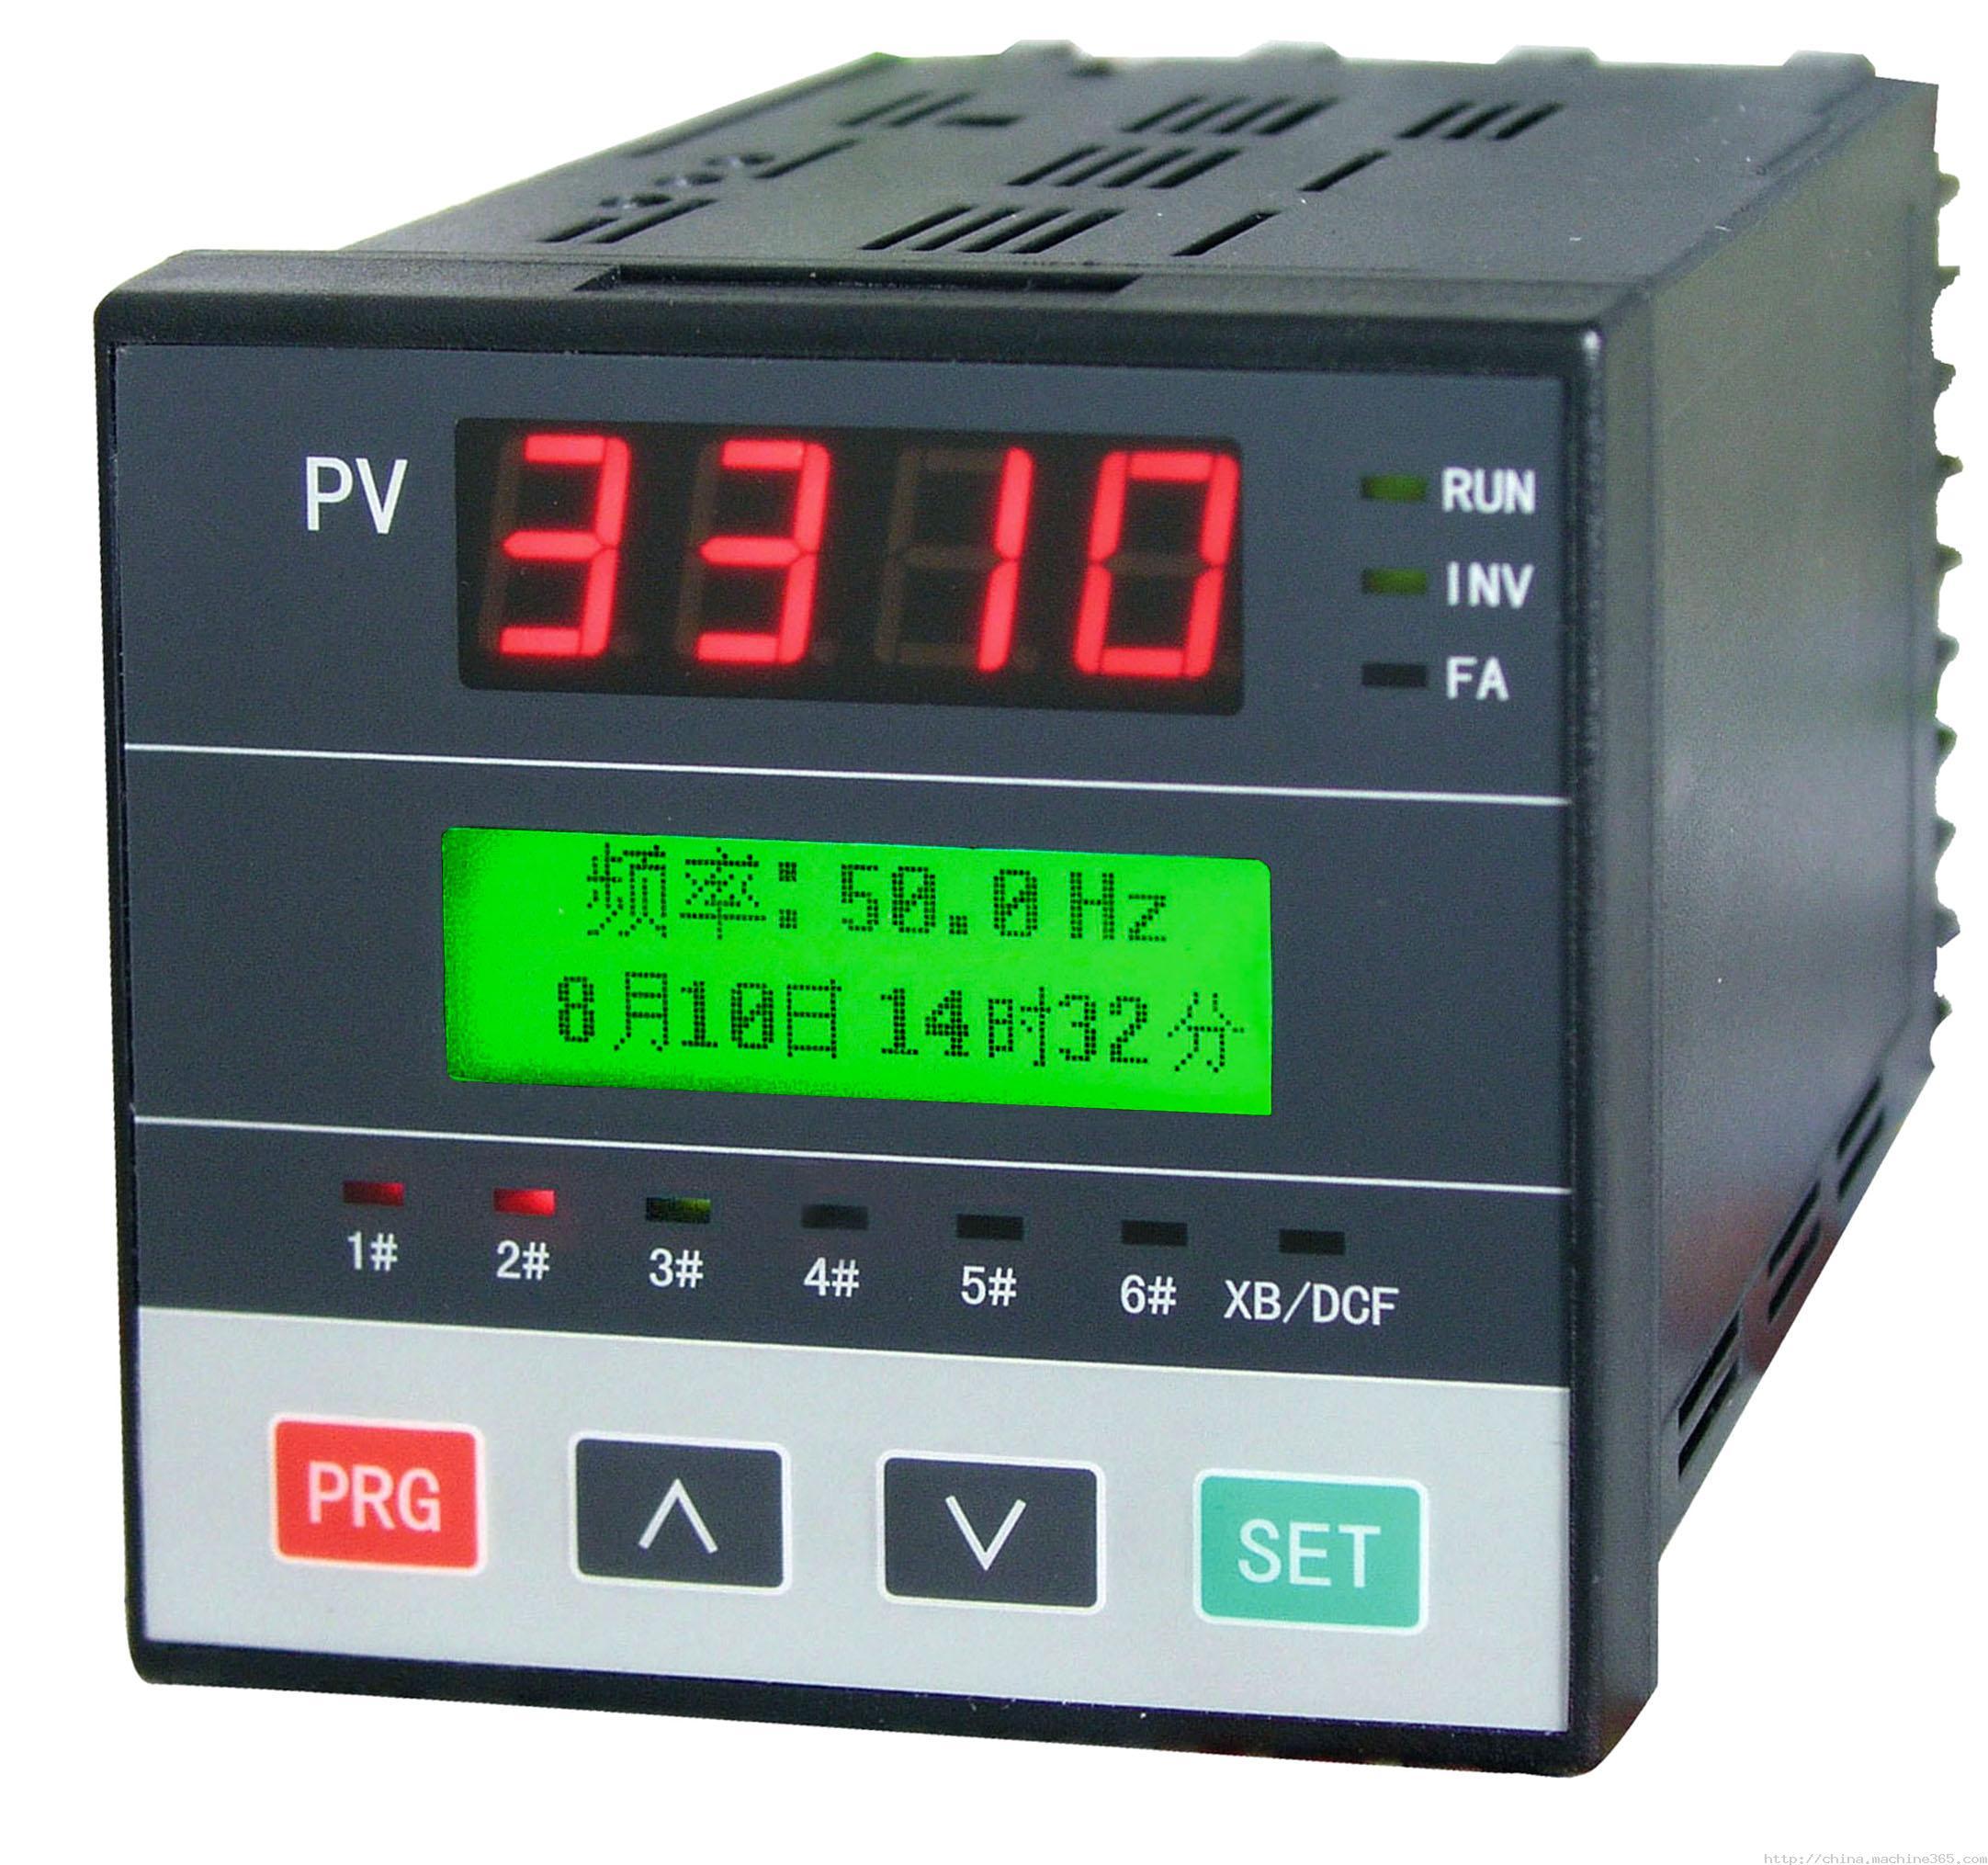 智能供水控制器 成套变频控制柜系统 压力罐 传感器 不锈钢止回阀